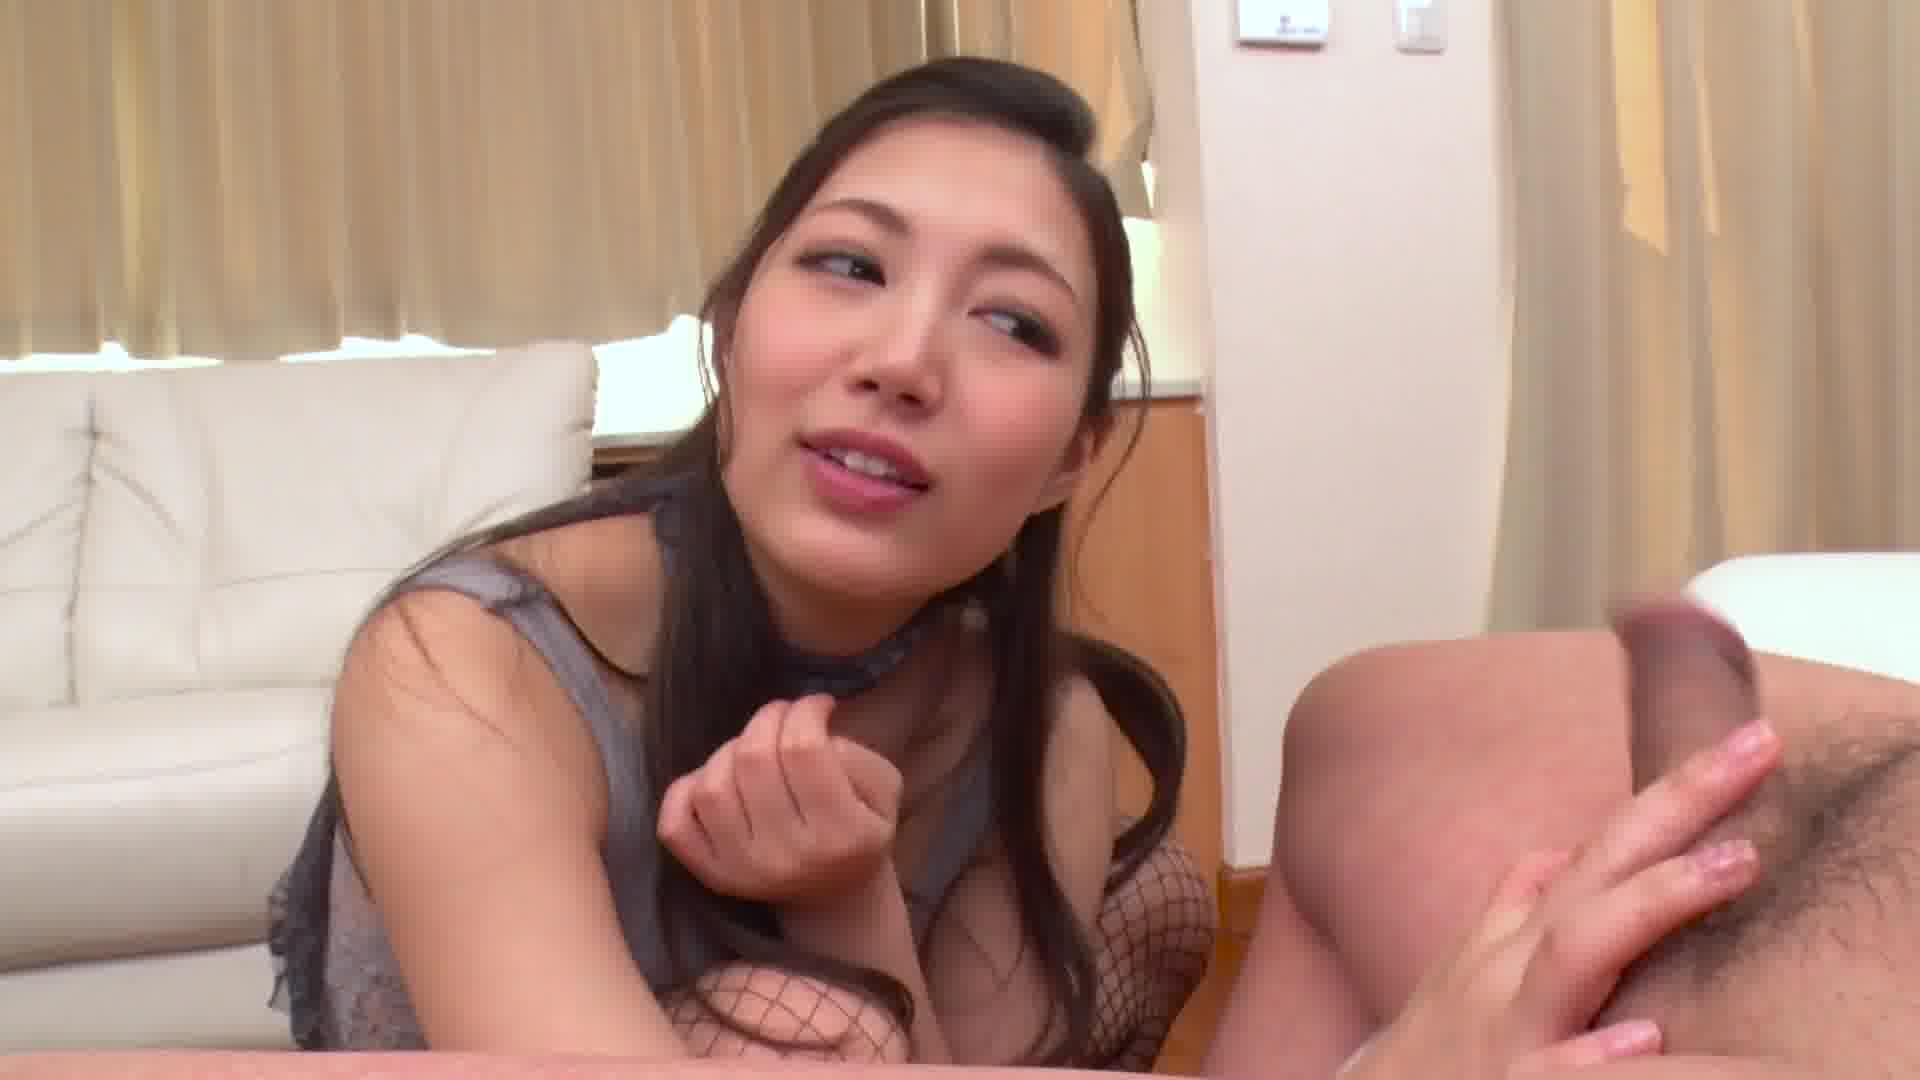 私のセックスを見てください!い~っぱい顔面射精してください! – 佐倉ねね【顔射・隠語・中出し】